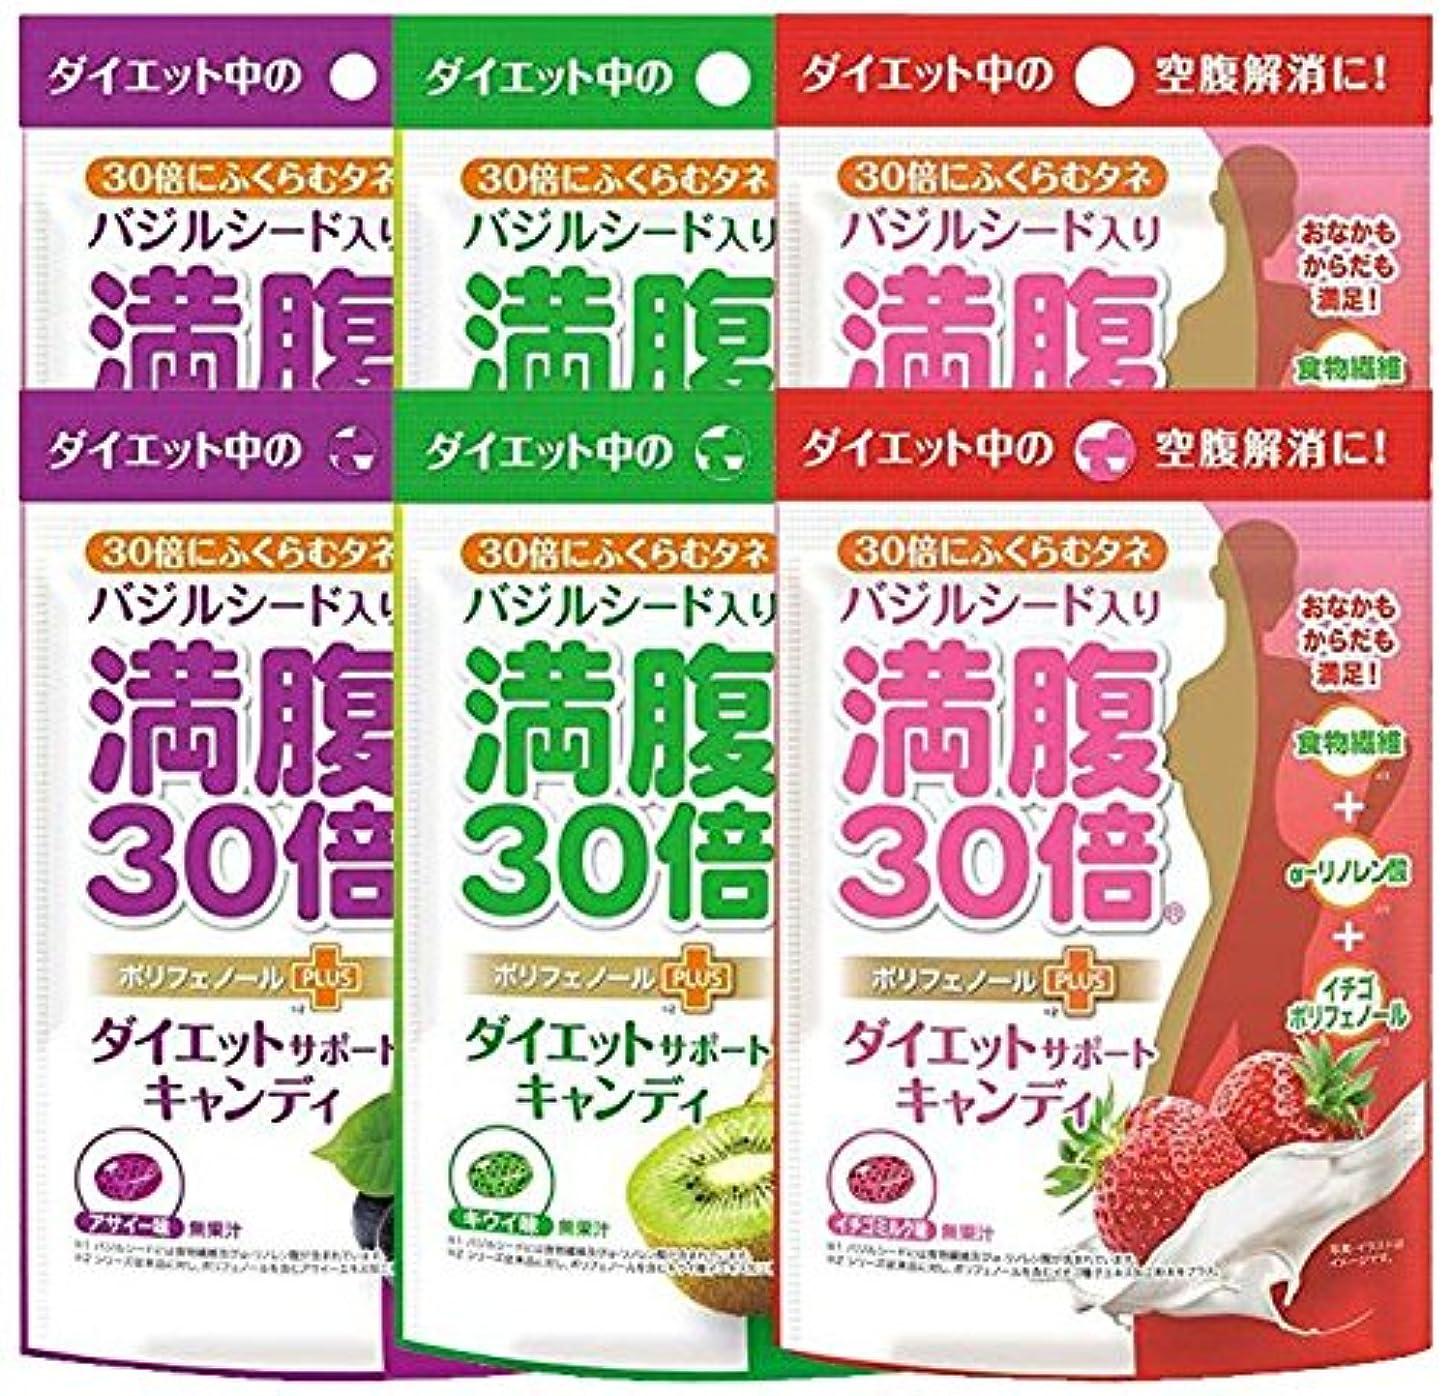 ダブルランク大いに満腹30倍 ダイエットサポートキャンディ 3種アソート( アサイー キウイ イチゴミルク 各2袋) 6袋